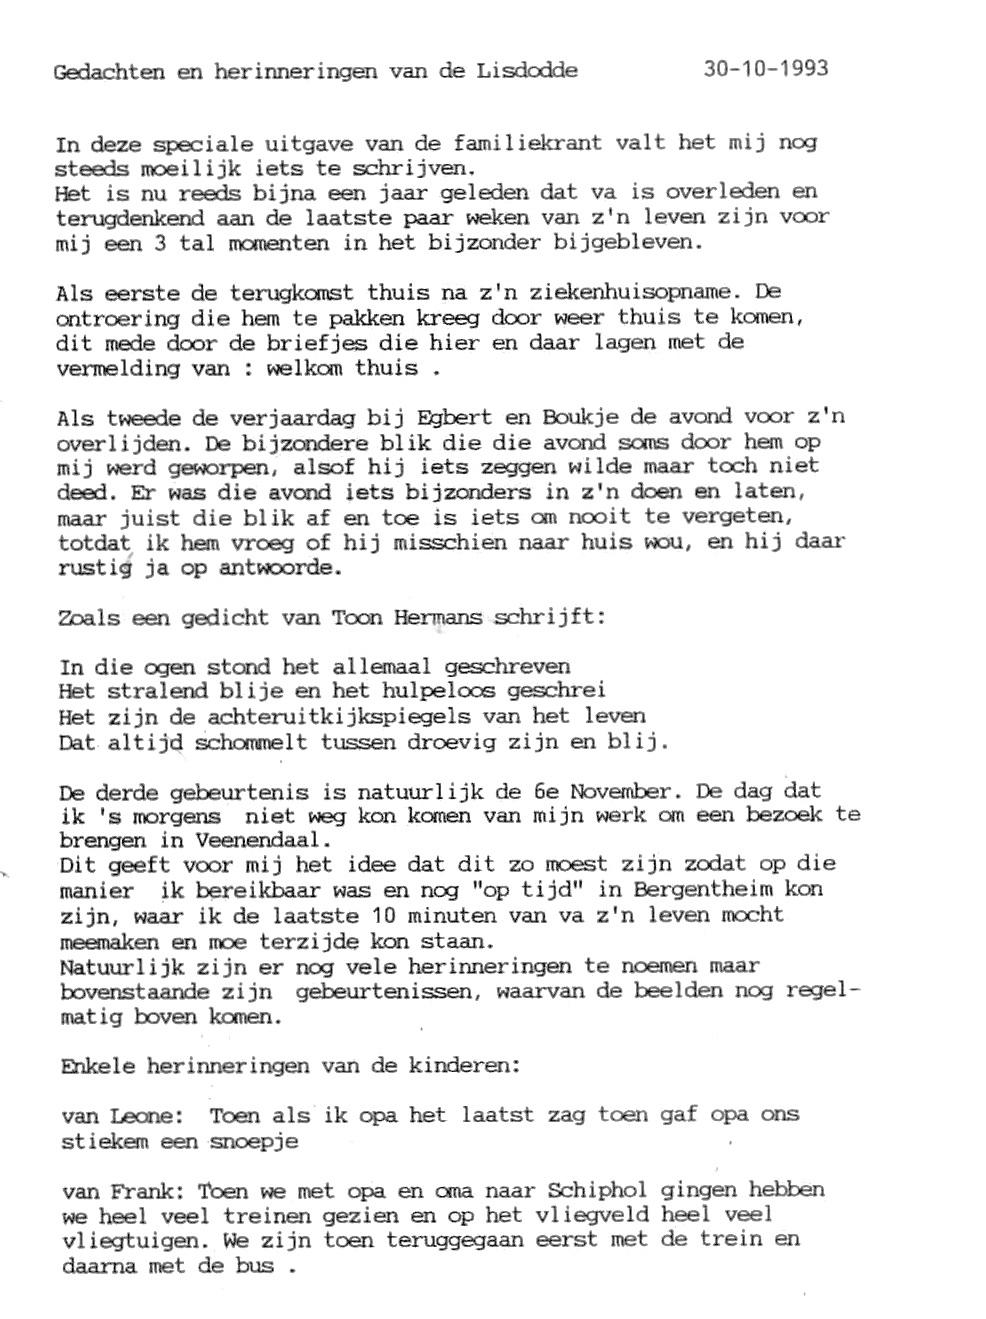 Afscheid Ids Wiersma Familie Mulder